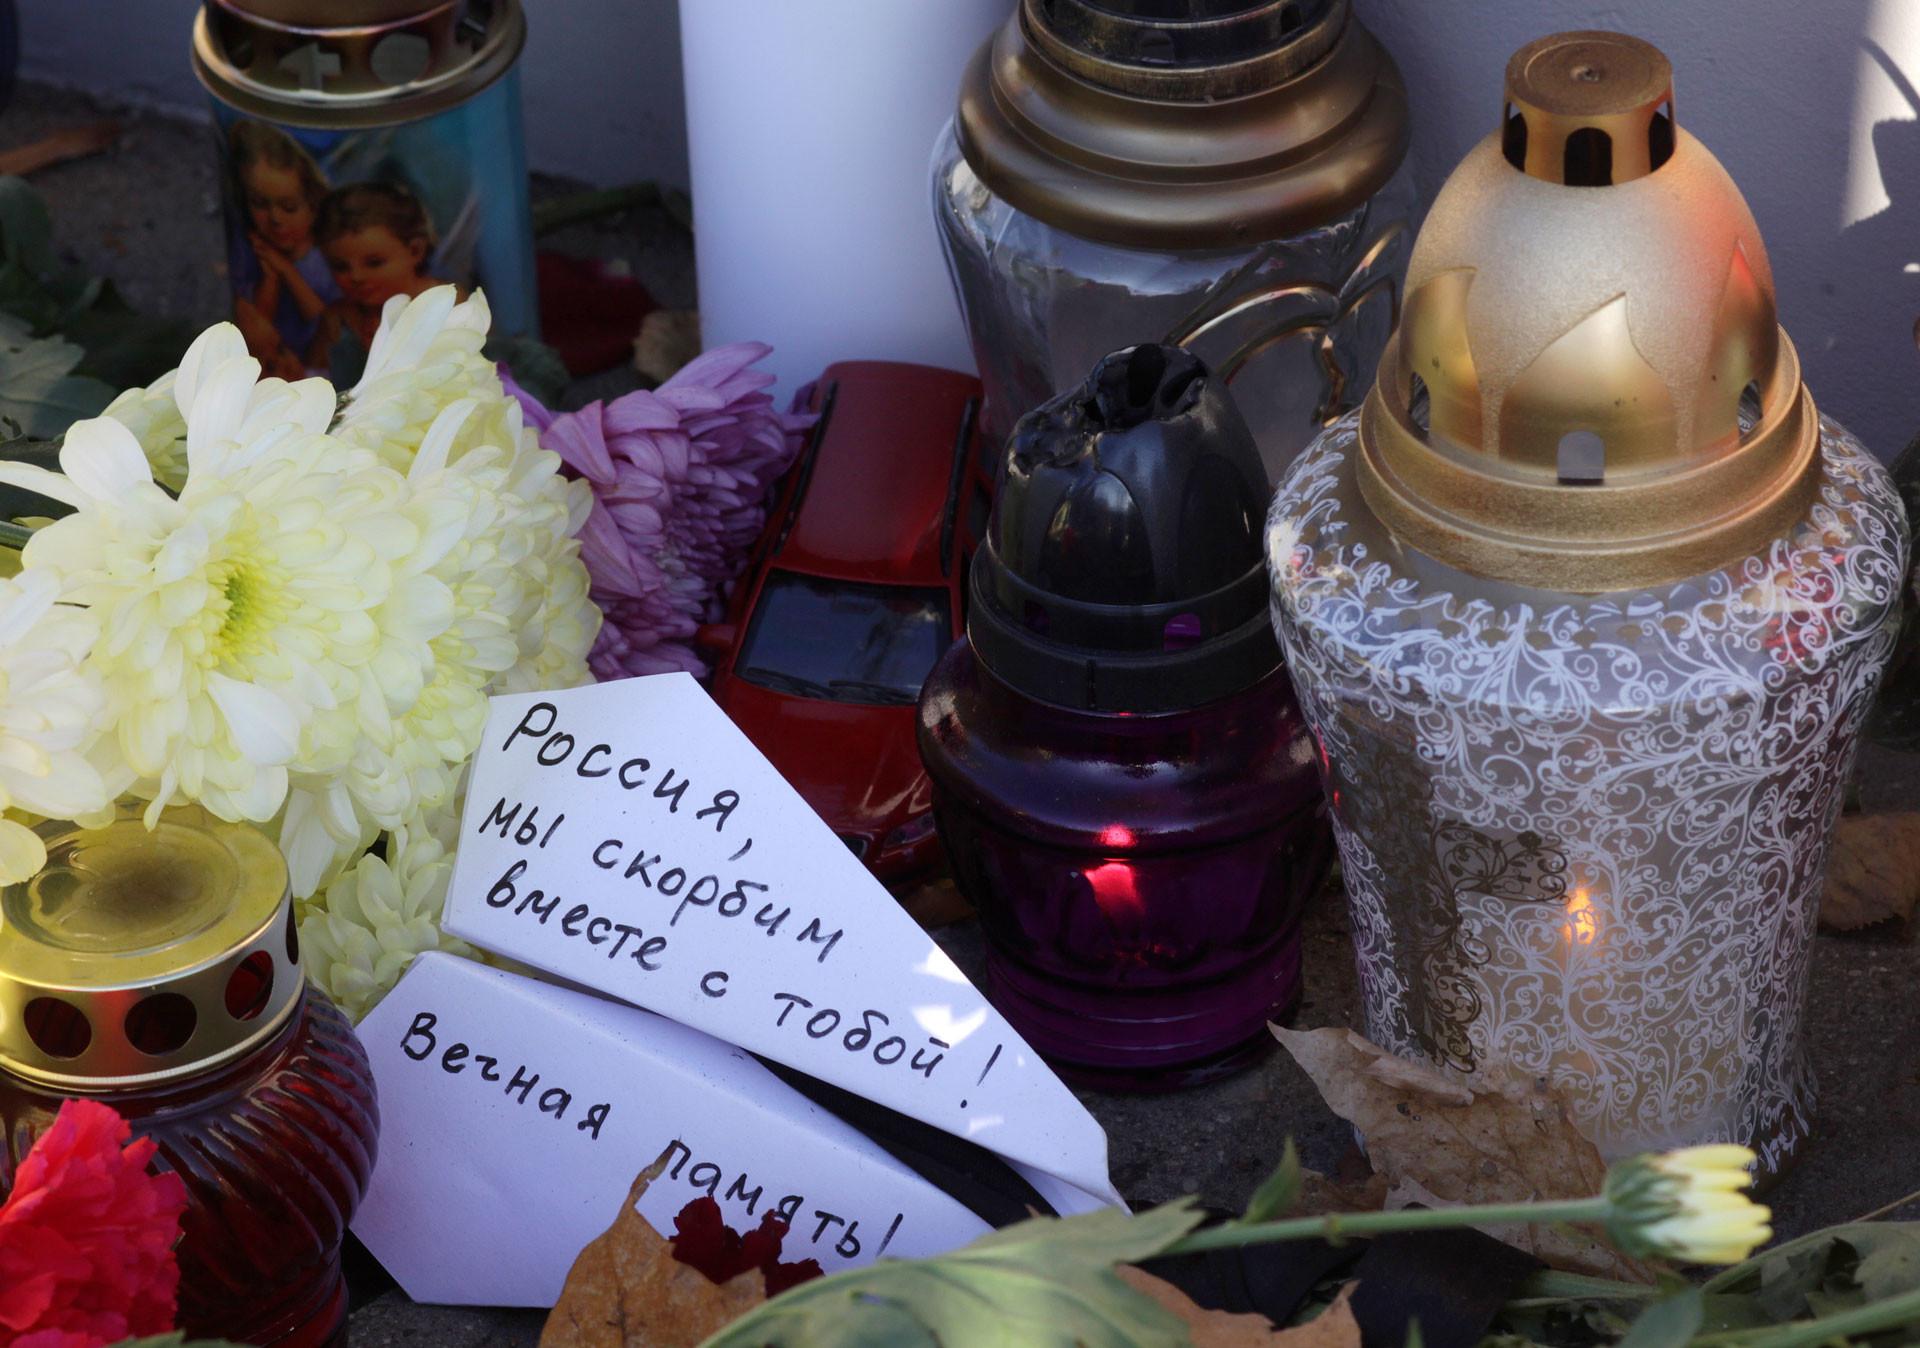 """Цветы, свечи и бумажный самолётик с надписью """"Россия, мы скорбим вместе с тобой! Вечная память!"""" у Посольства Российской Федерации в Риге в память о жертвах катастрофы Airbus A321. Фото: ©РИА Новости / Оксана Джадан"""